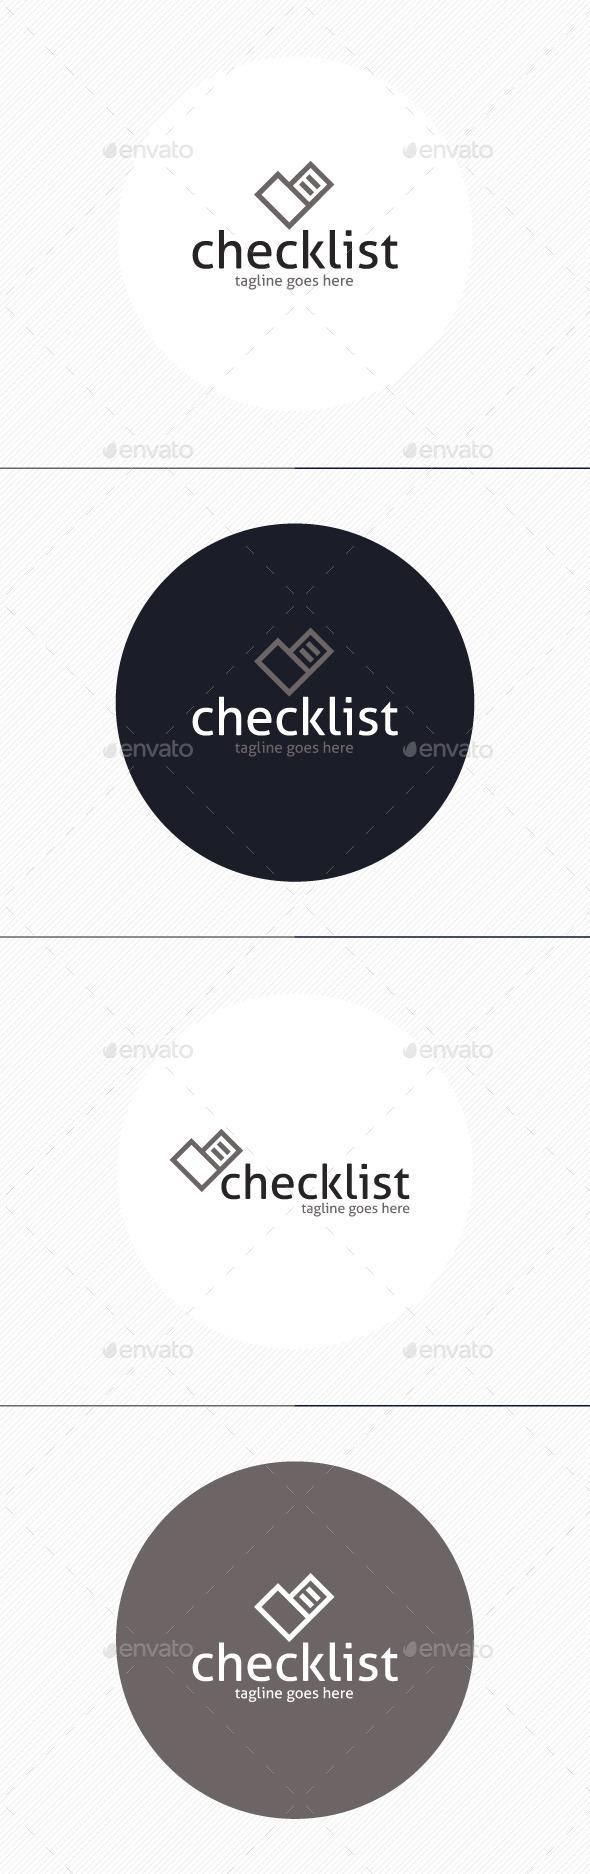 GraphicRiver Checklist Logo 10932379